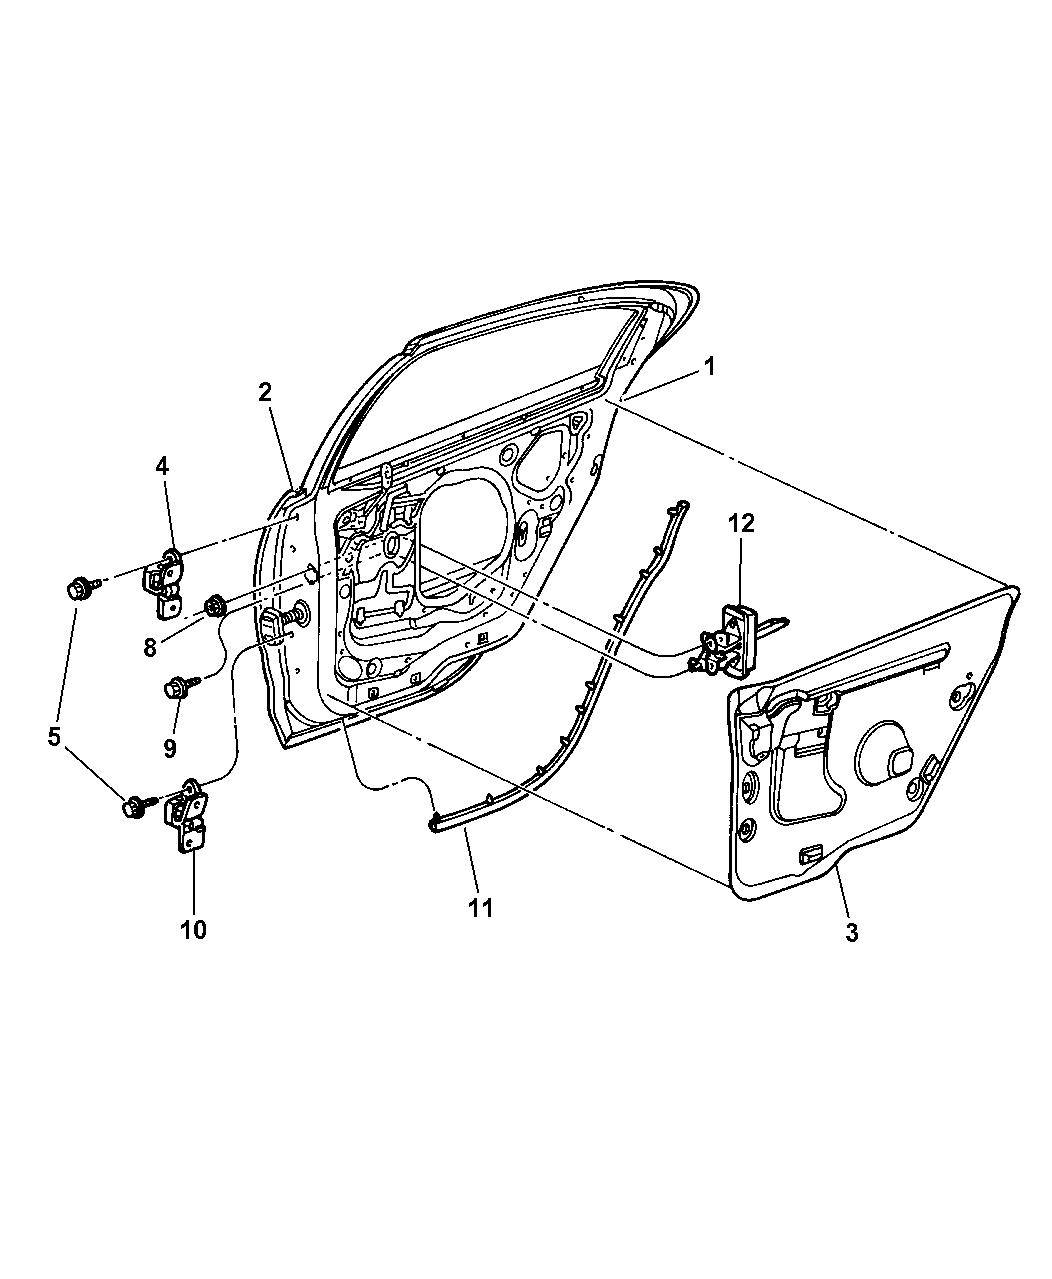 4780159 Genuine Dodge Weatherstrip